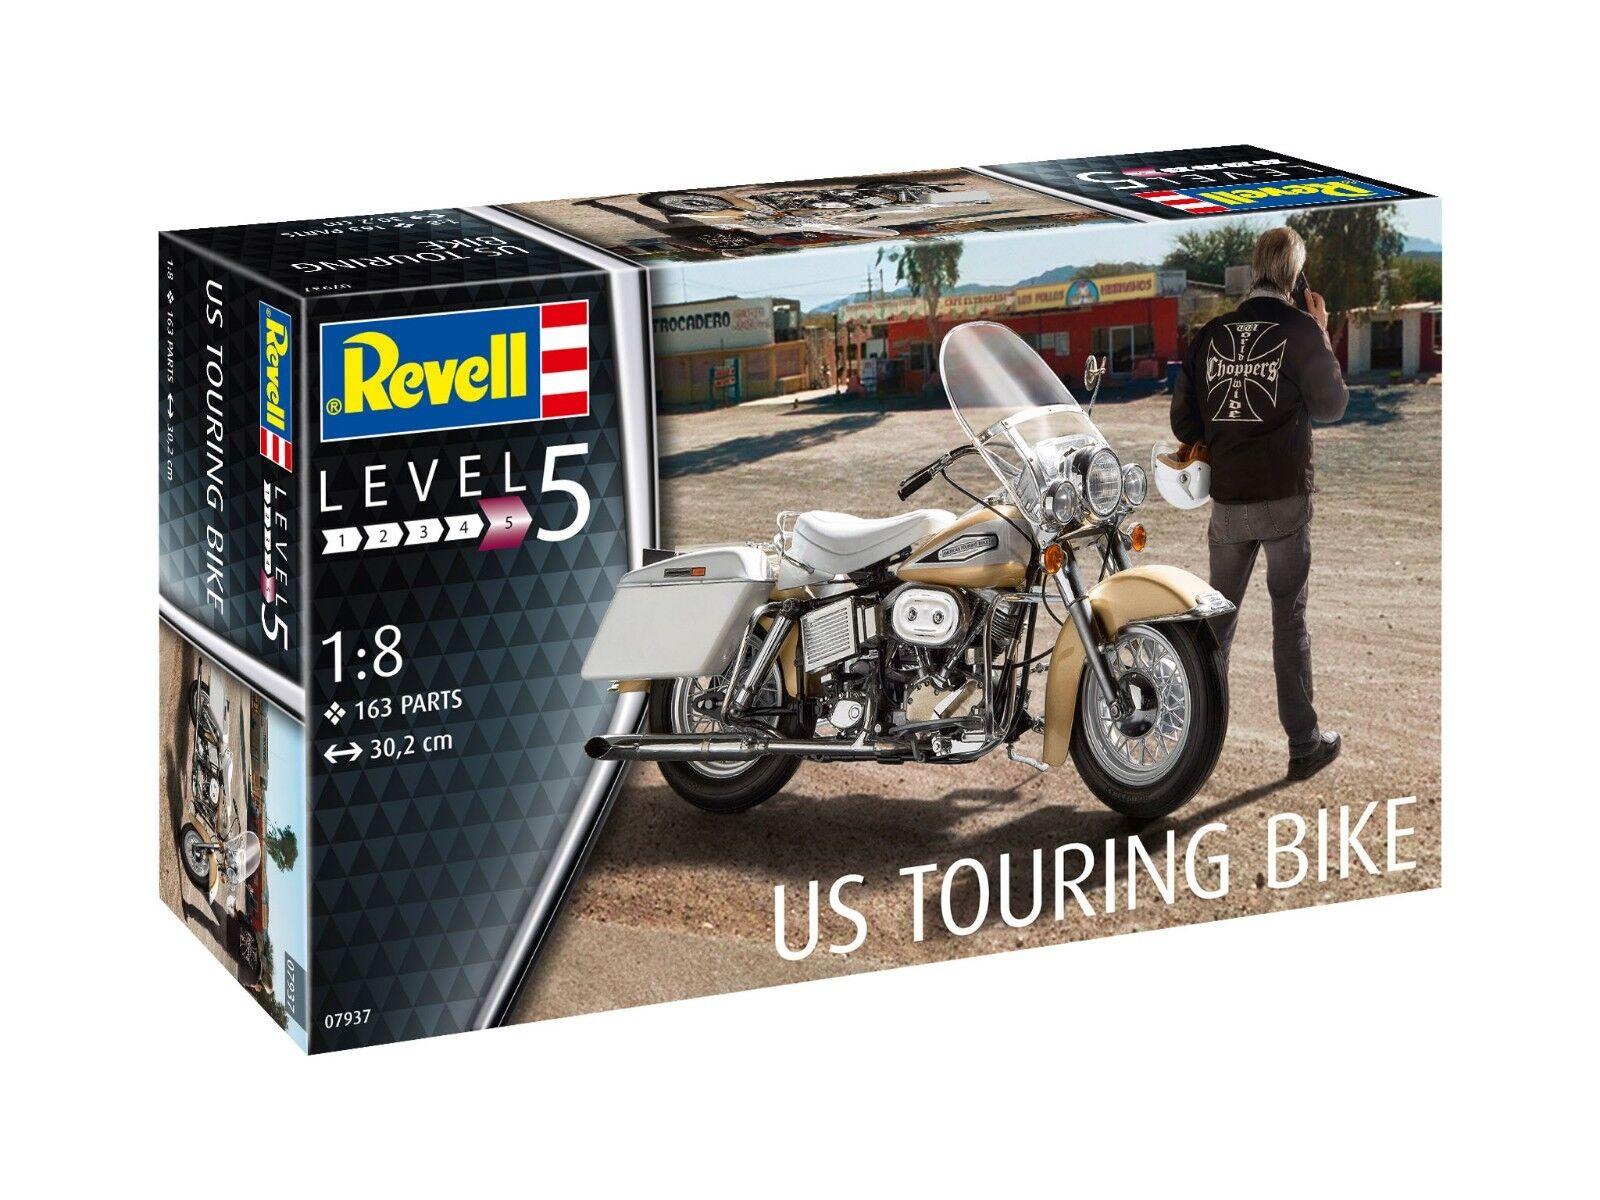 REVELL US Touring Bike 1 8 Bike Model Kit 07937